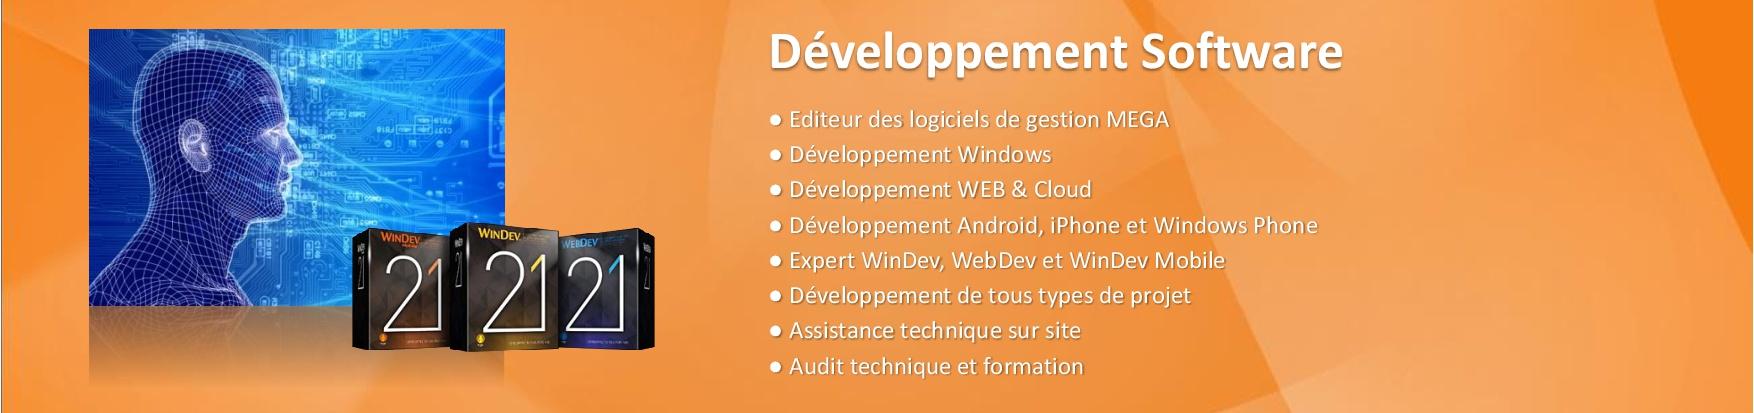 bandeau-developpement